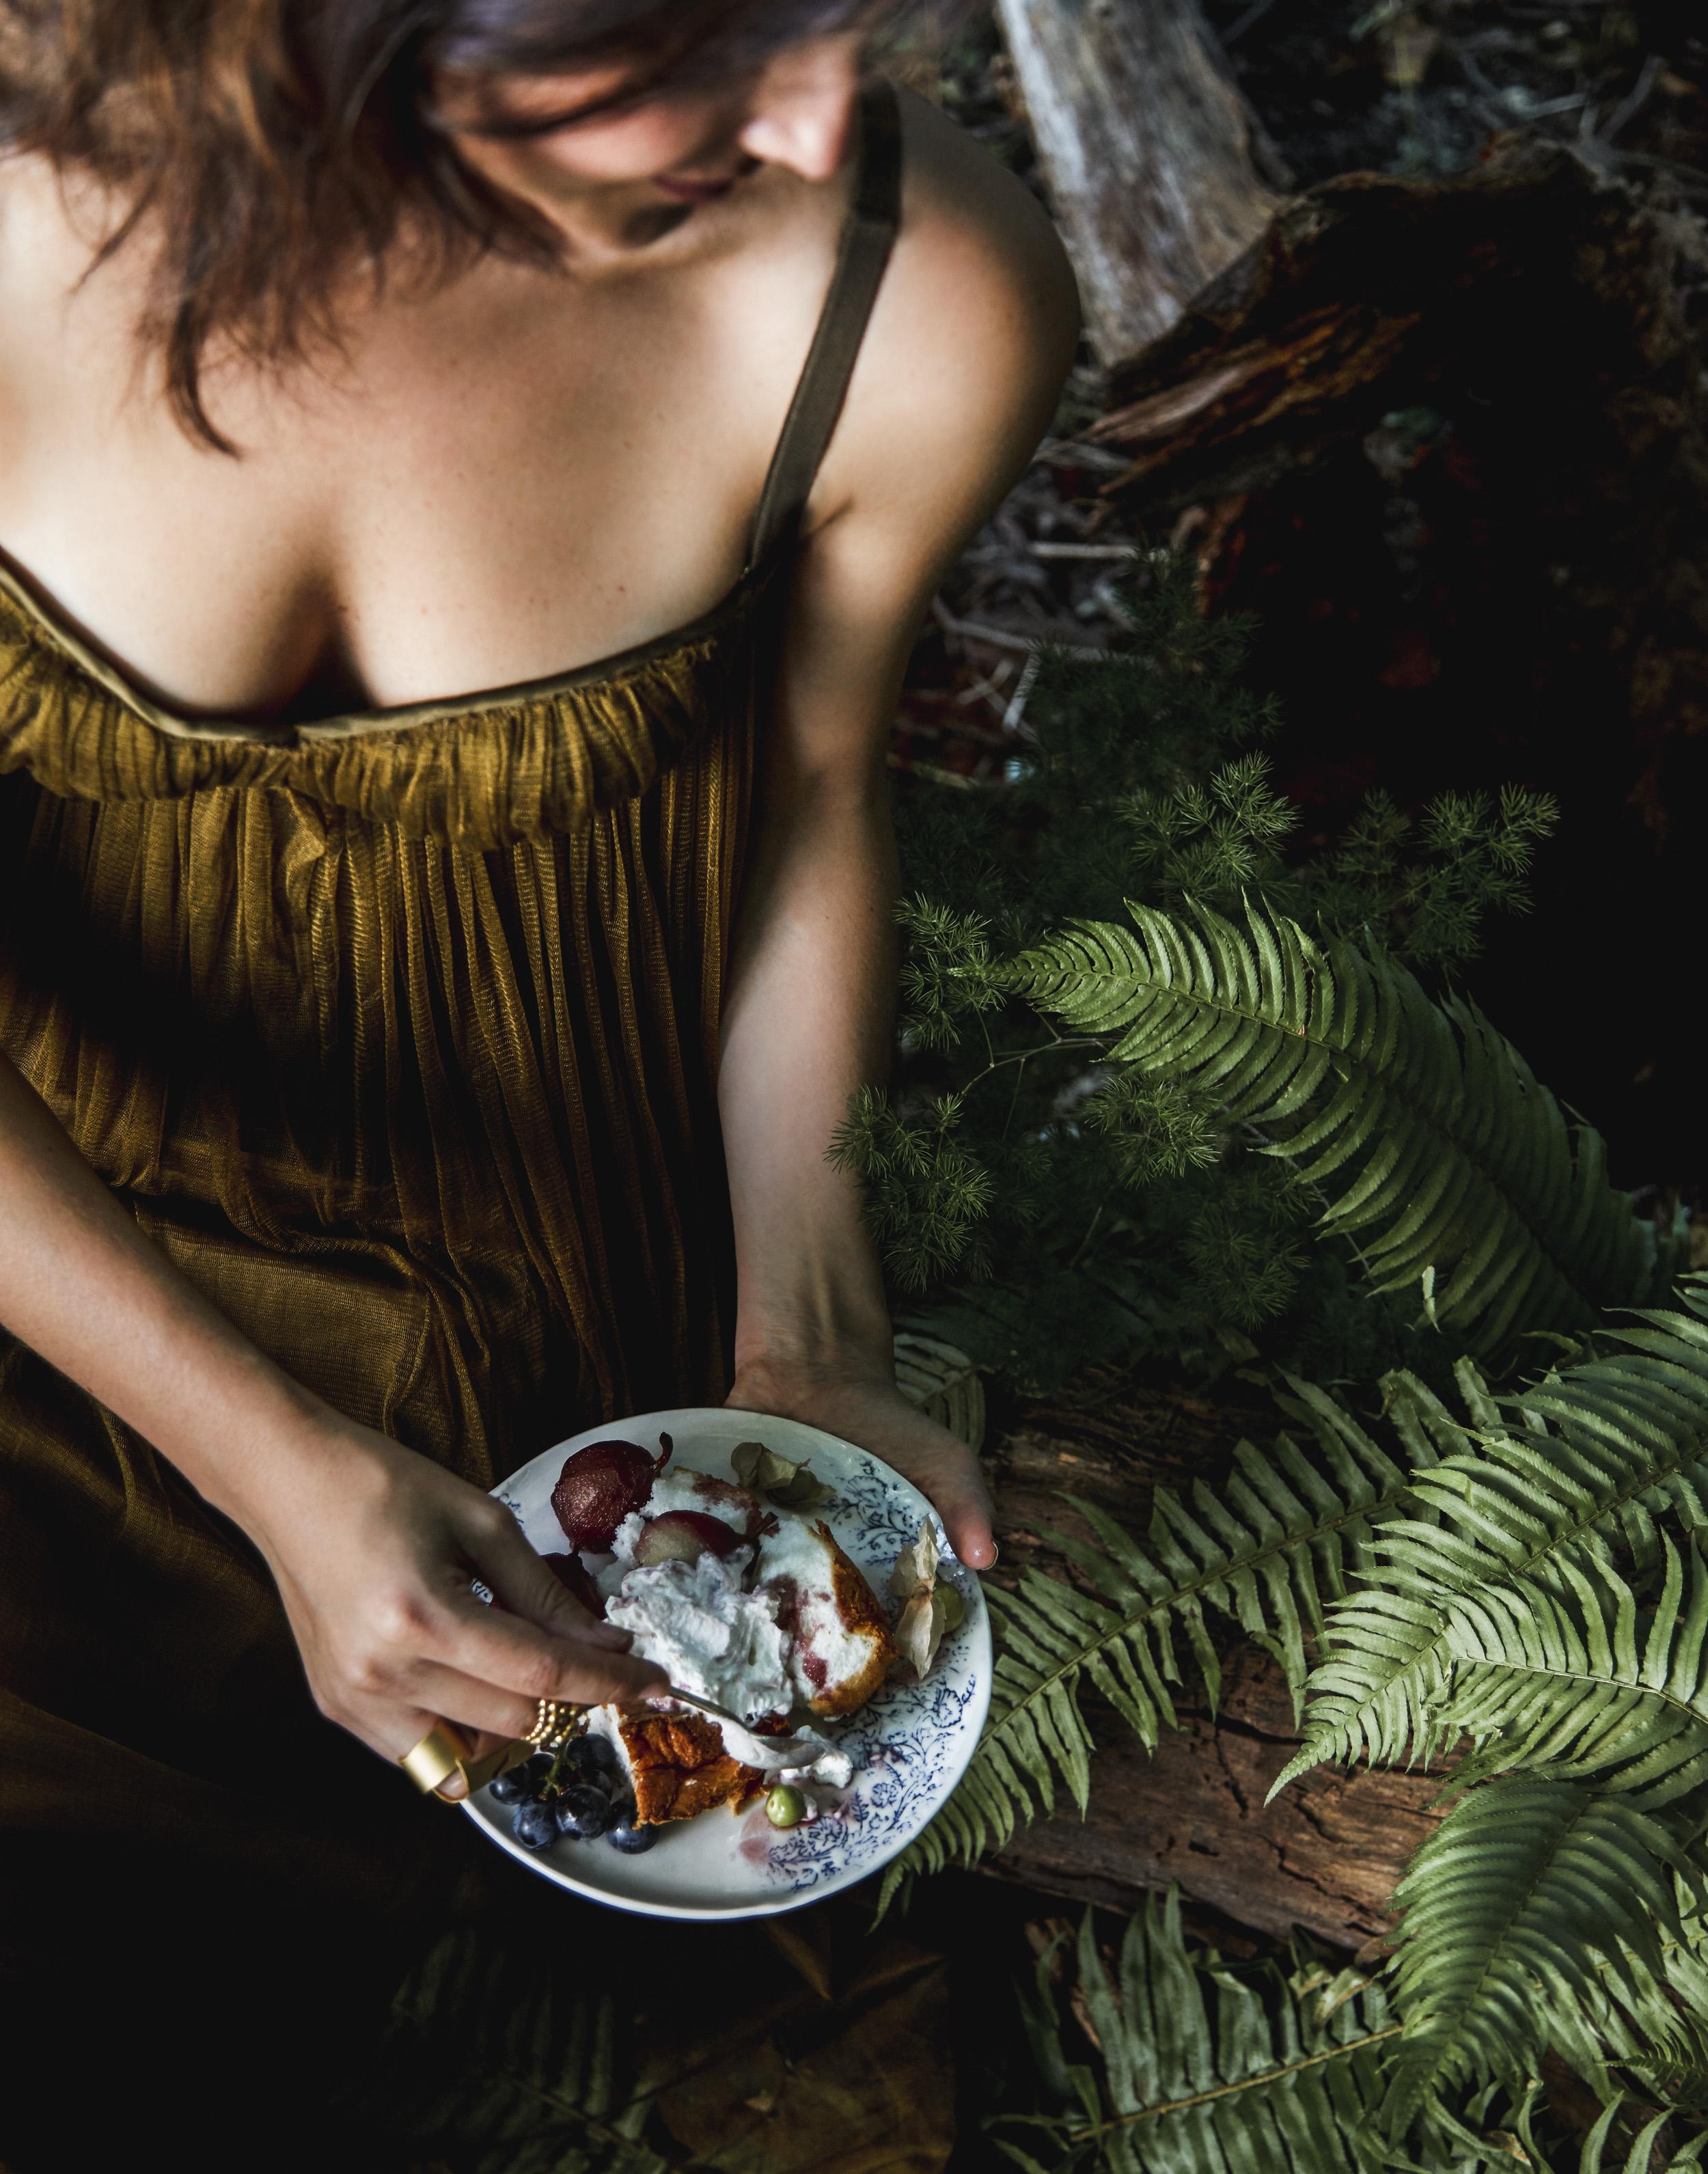 22_HOB_MarianaV_DBO_Tastemaker3812.jpg